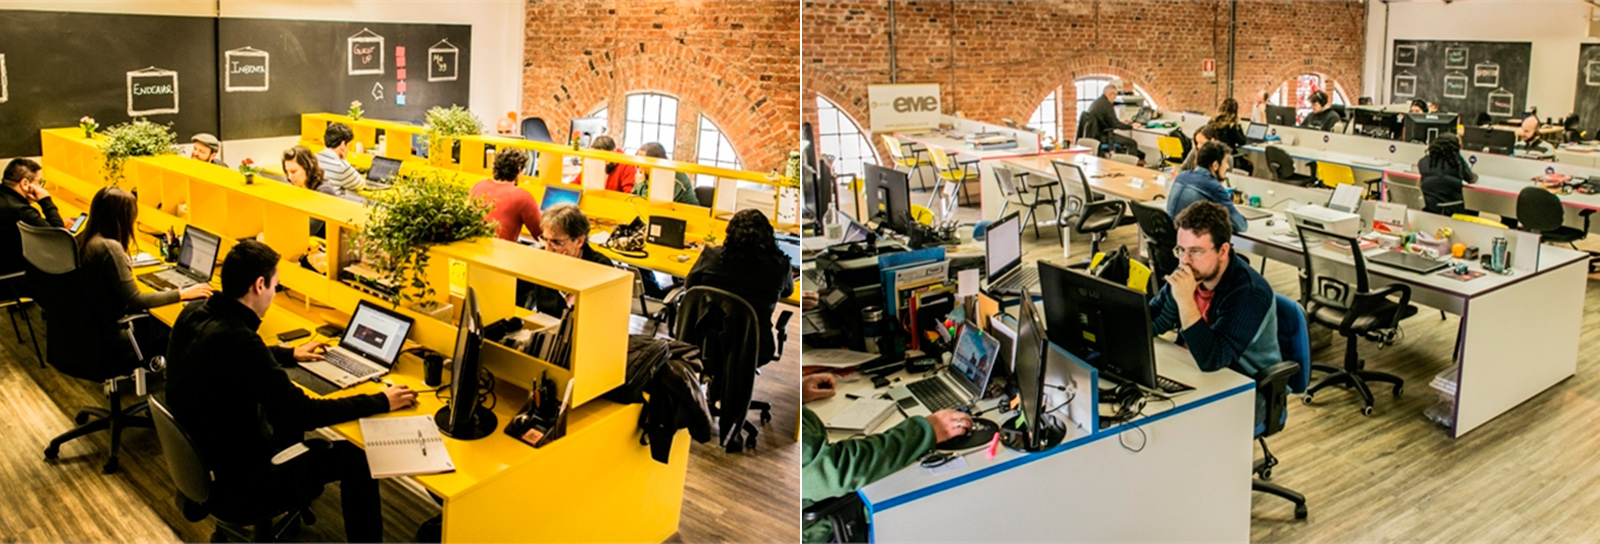 Plataforma oferece mais de mil diárias grátis de coworking para nômades digitais de todo o Brasil